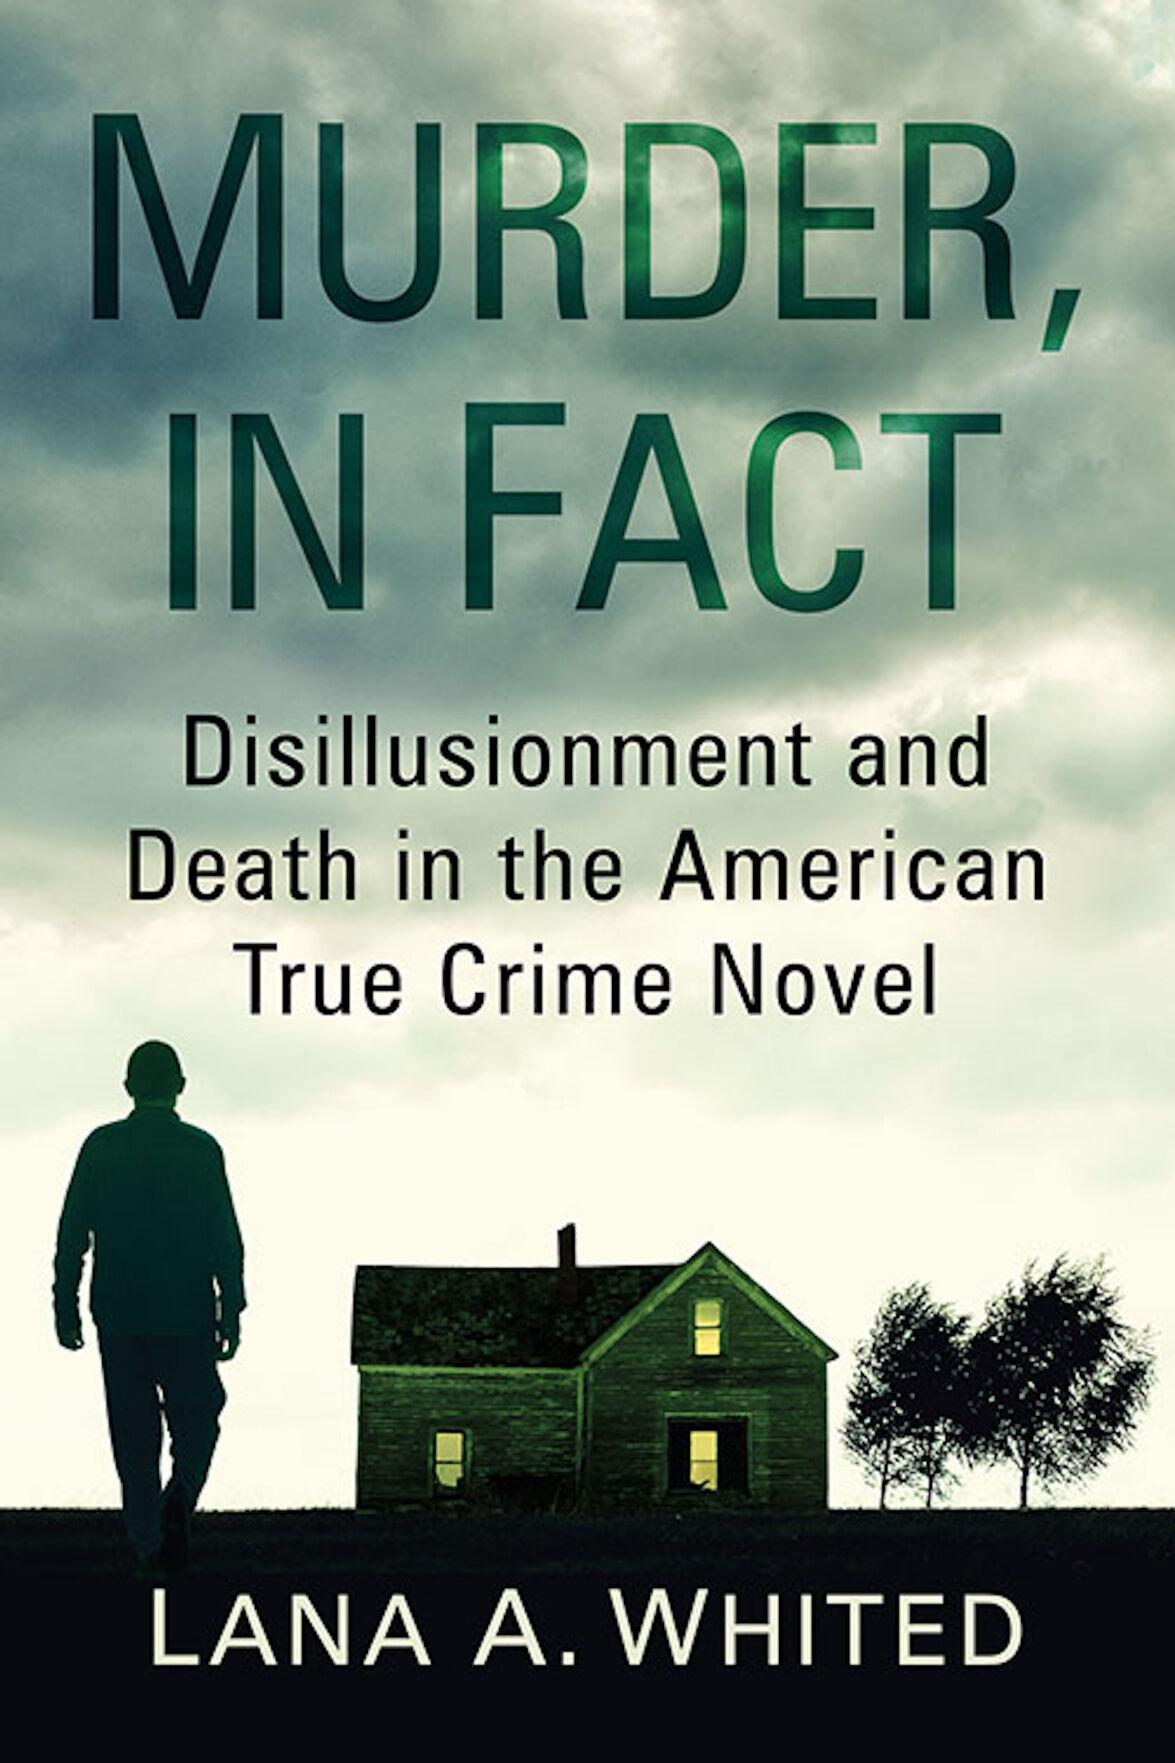 Murder, in Fact (cover).jpg